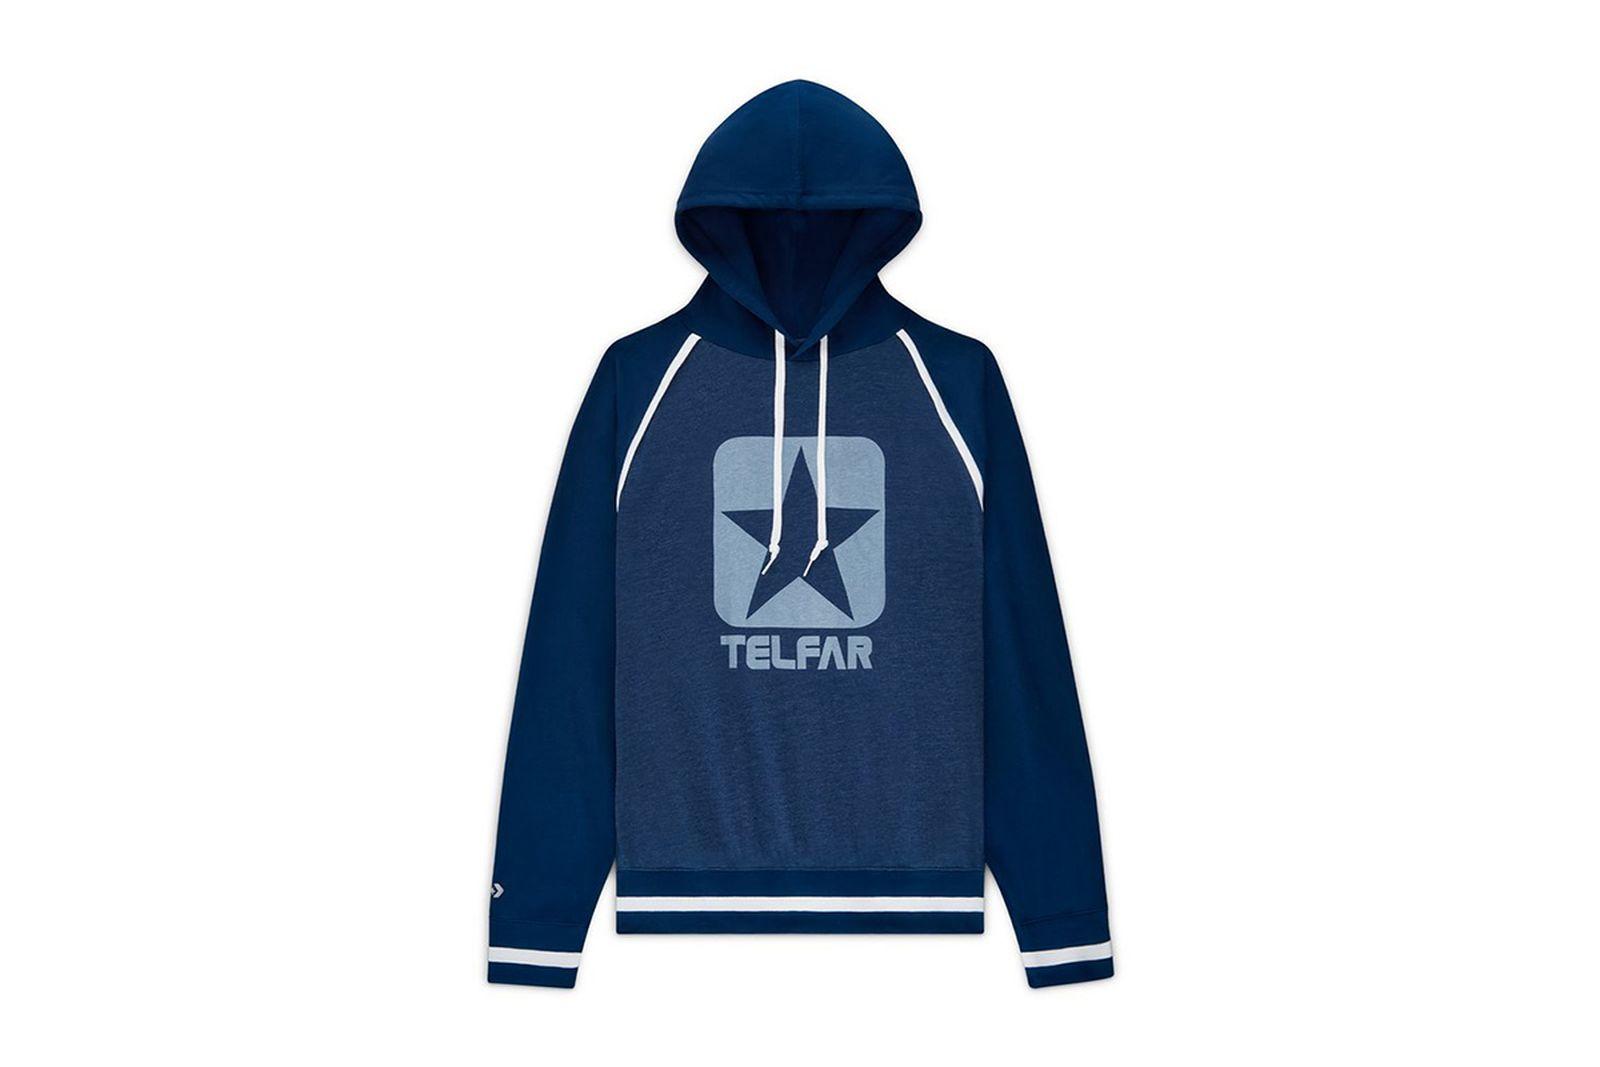 telfar-converse-pro-leather-release-date-price-03